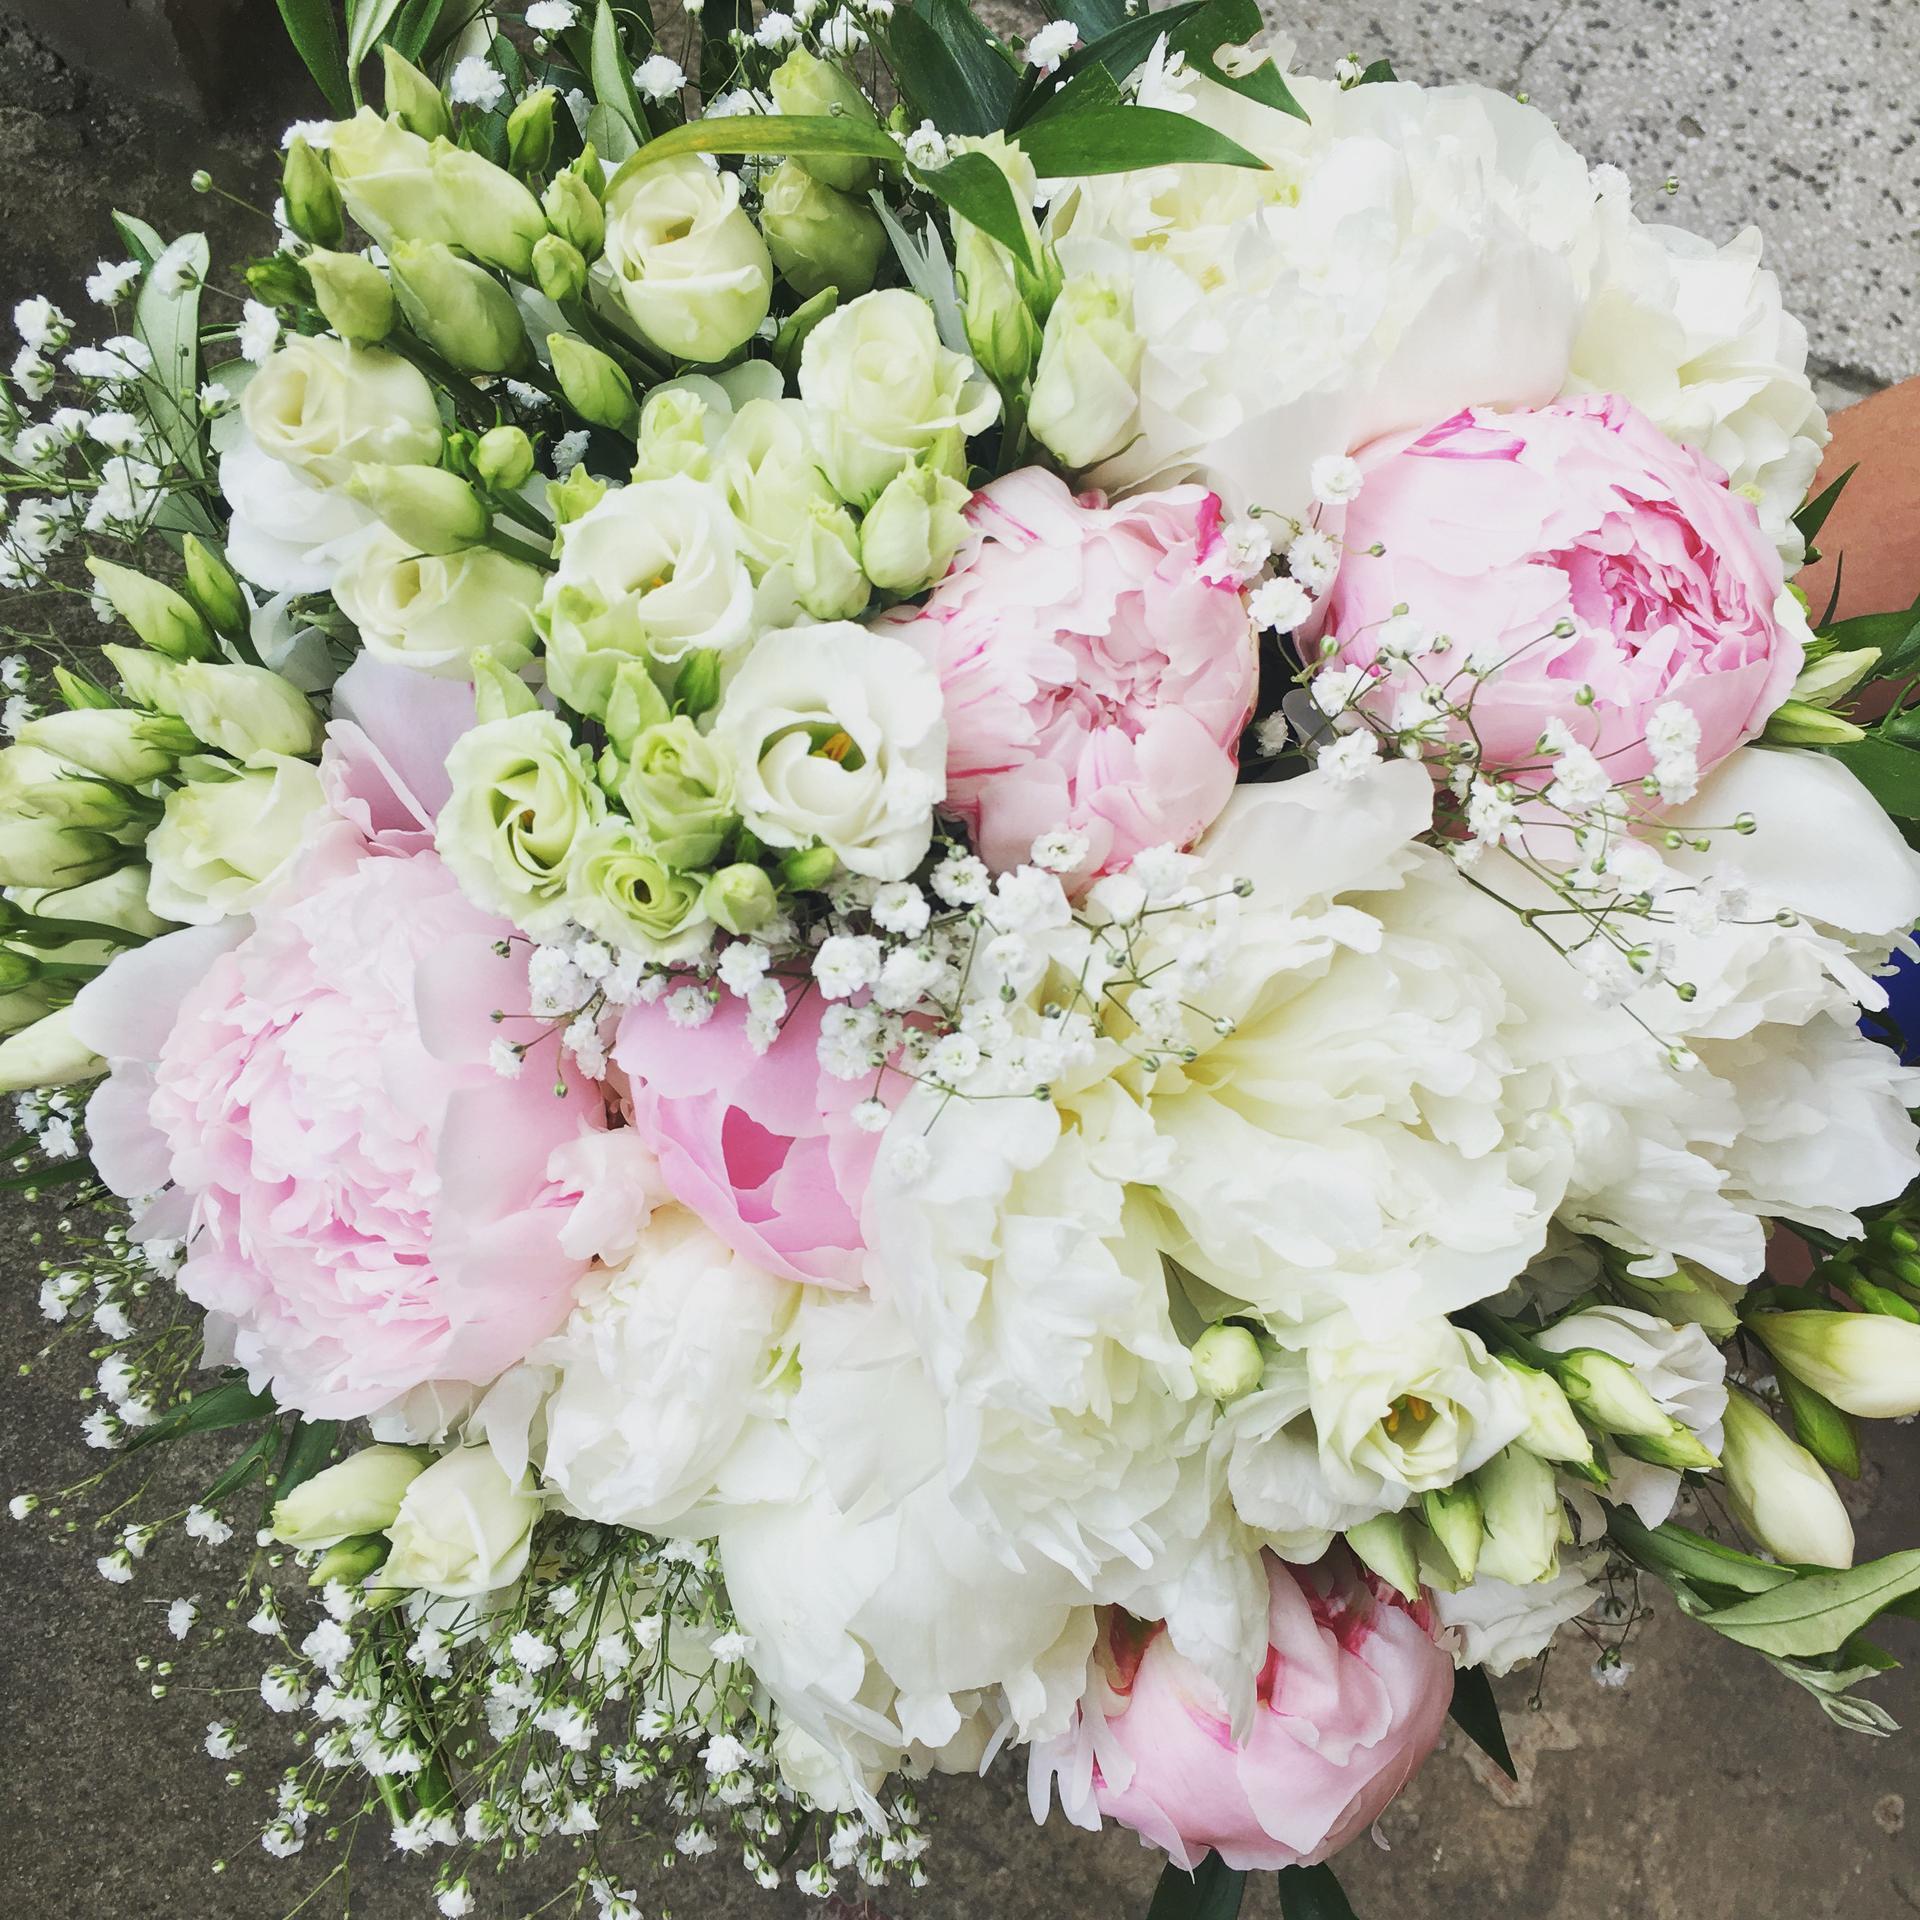 Rádi pro VÁŠ jedinečný den D připravíme svatební kytice , kytice pro maminky ,svědkyně , babičky , drůžičky , korsáže pro ostatní svatebčany , kompletní květinovou výzdobou , nebo výzdobou dle Vašeho přání . Květiny Vám přivezeme v den svatby k Vám domů nebo na místo svatby . Kontakt : 602945351 , ukázka práce : https://www.facebook.com/svatebnirajbarbucha/ . Přejeme příjemný zbytek dne. - Obrázek č. 1